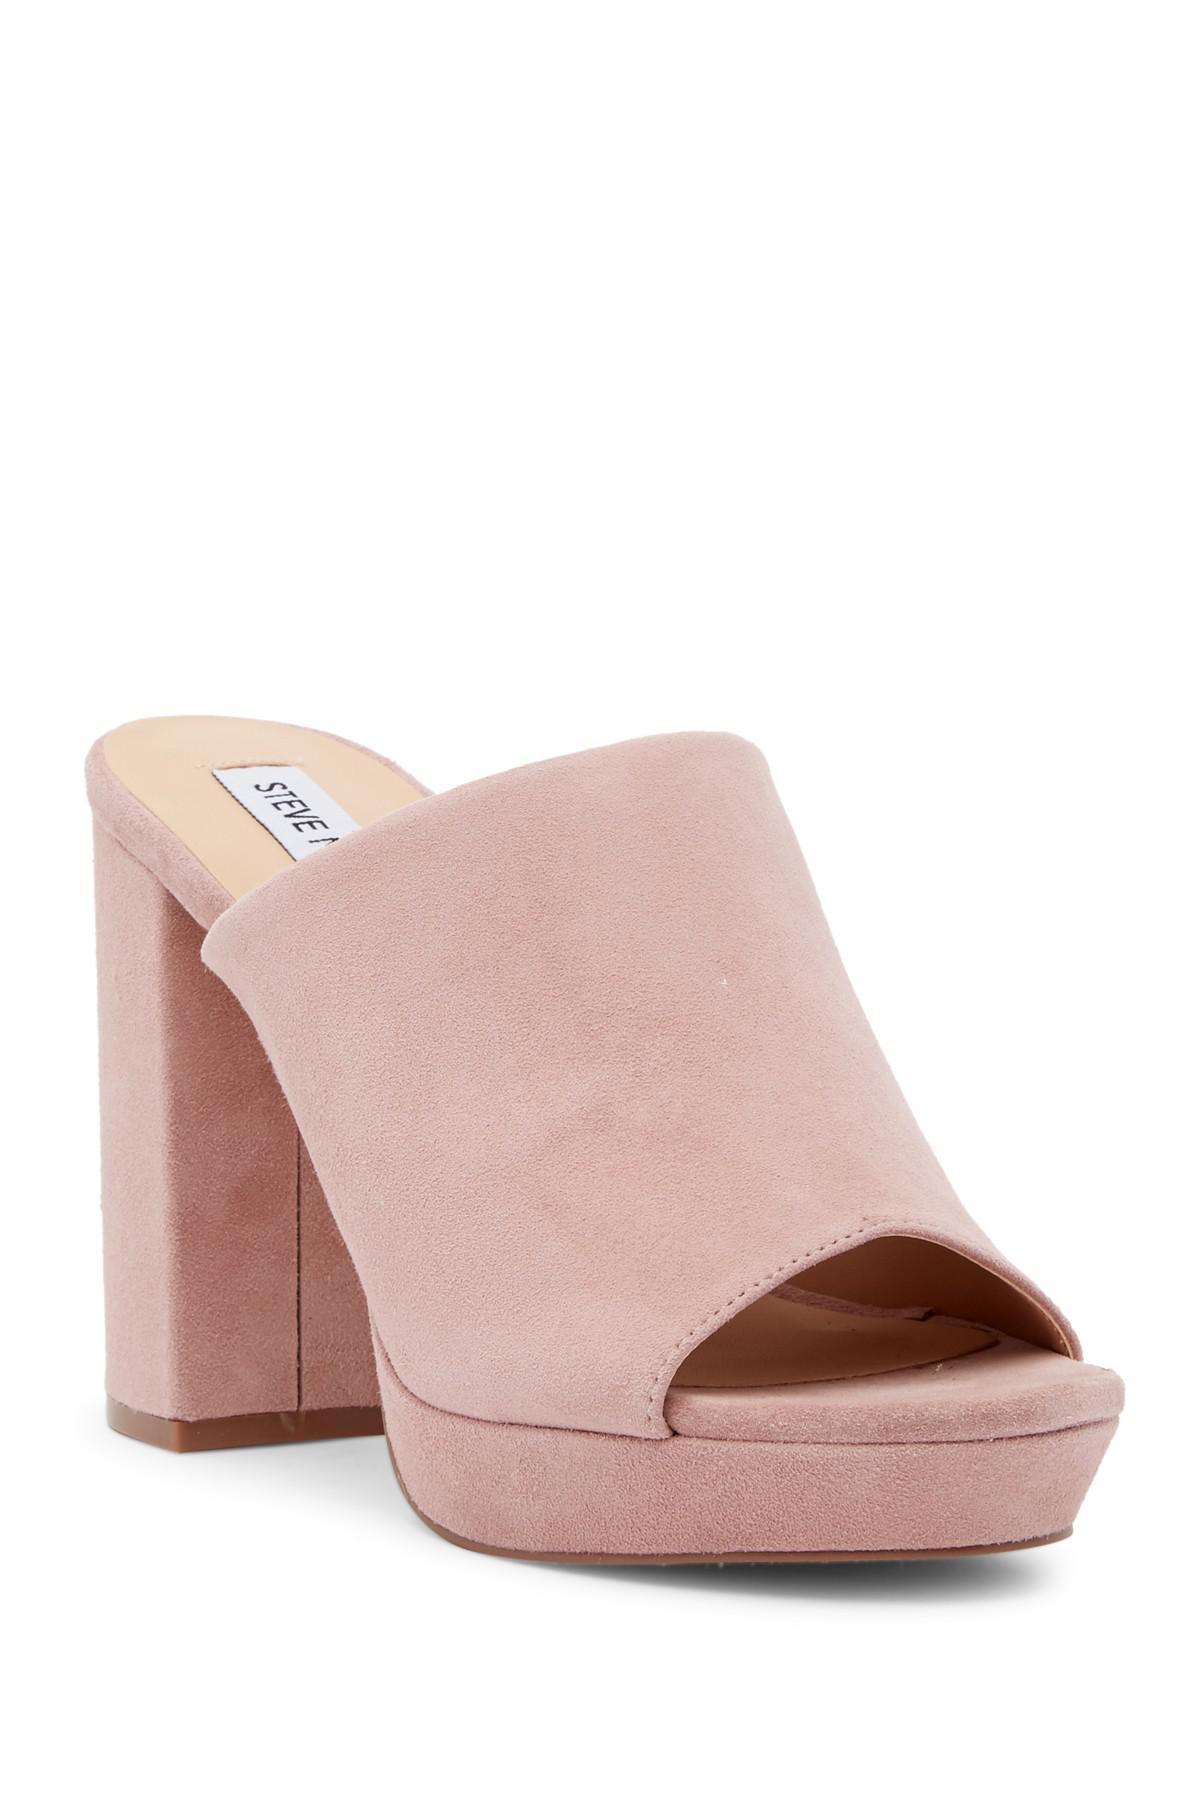 Lyst Steve Madden Tavish Platform Sandal